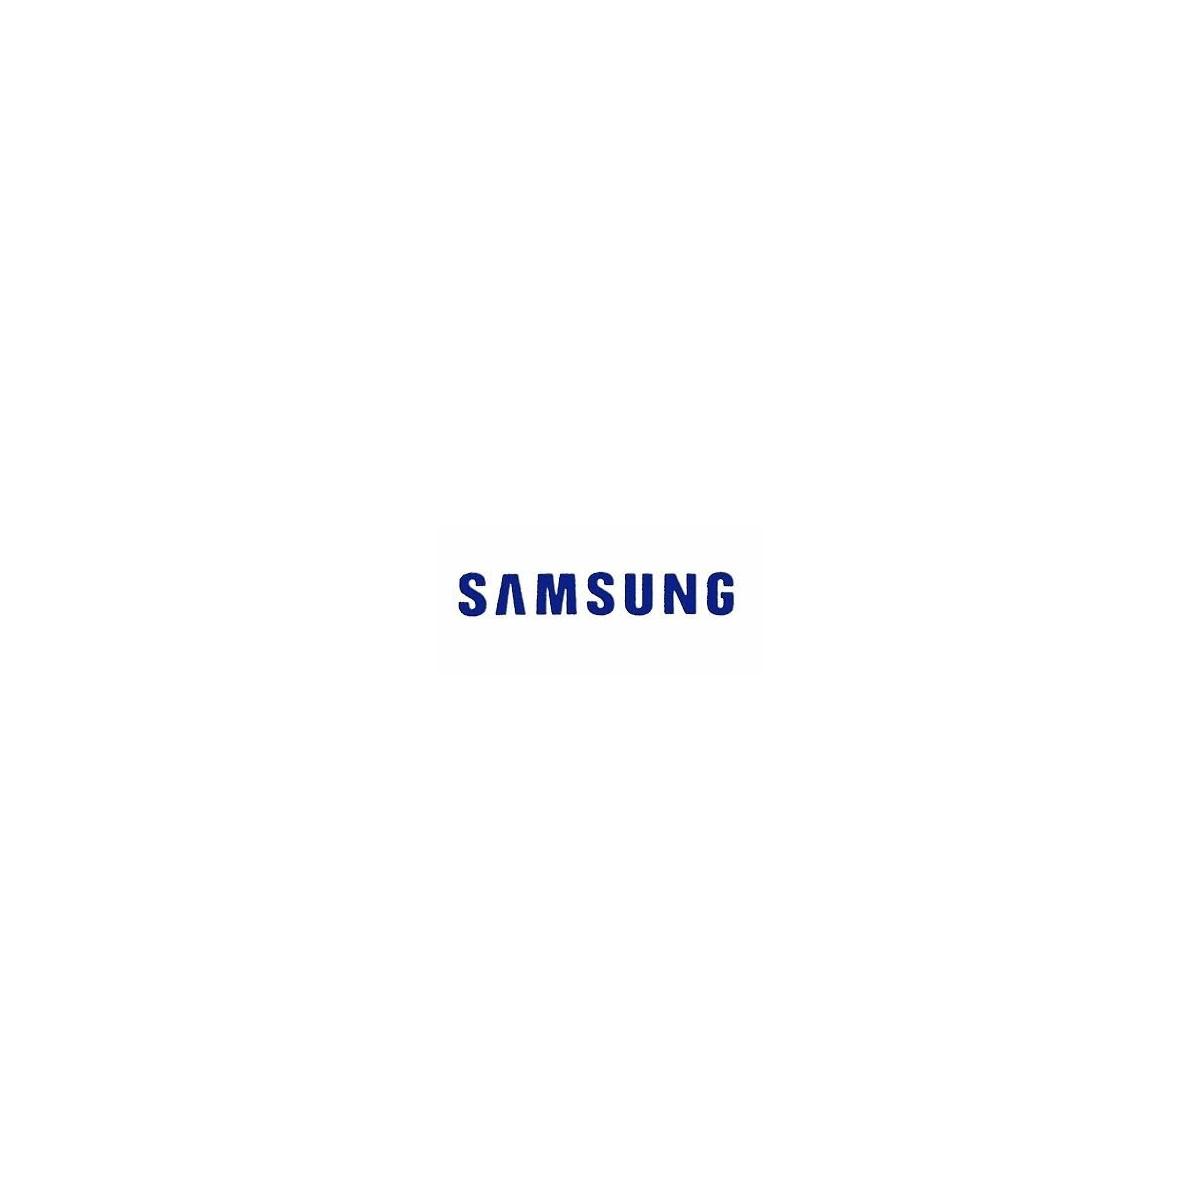 Samsung IPX-S300 scheda 2 ISDN